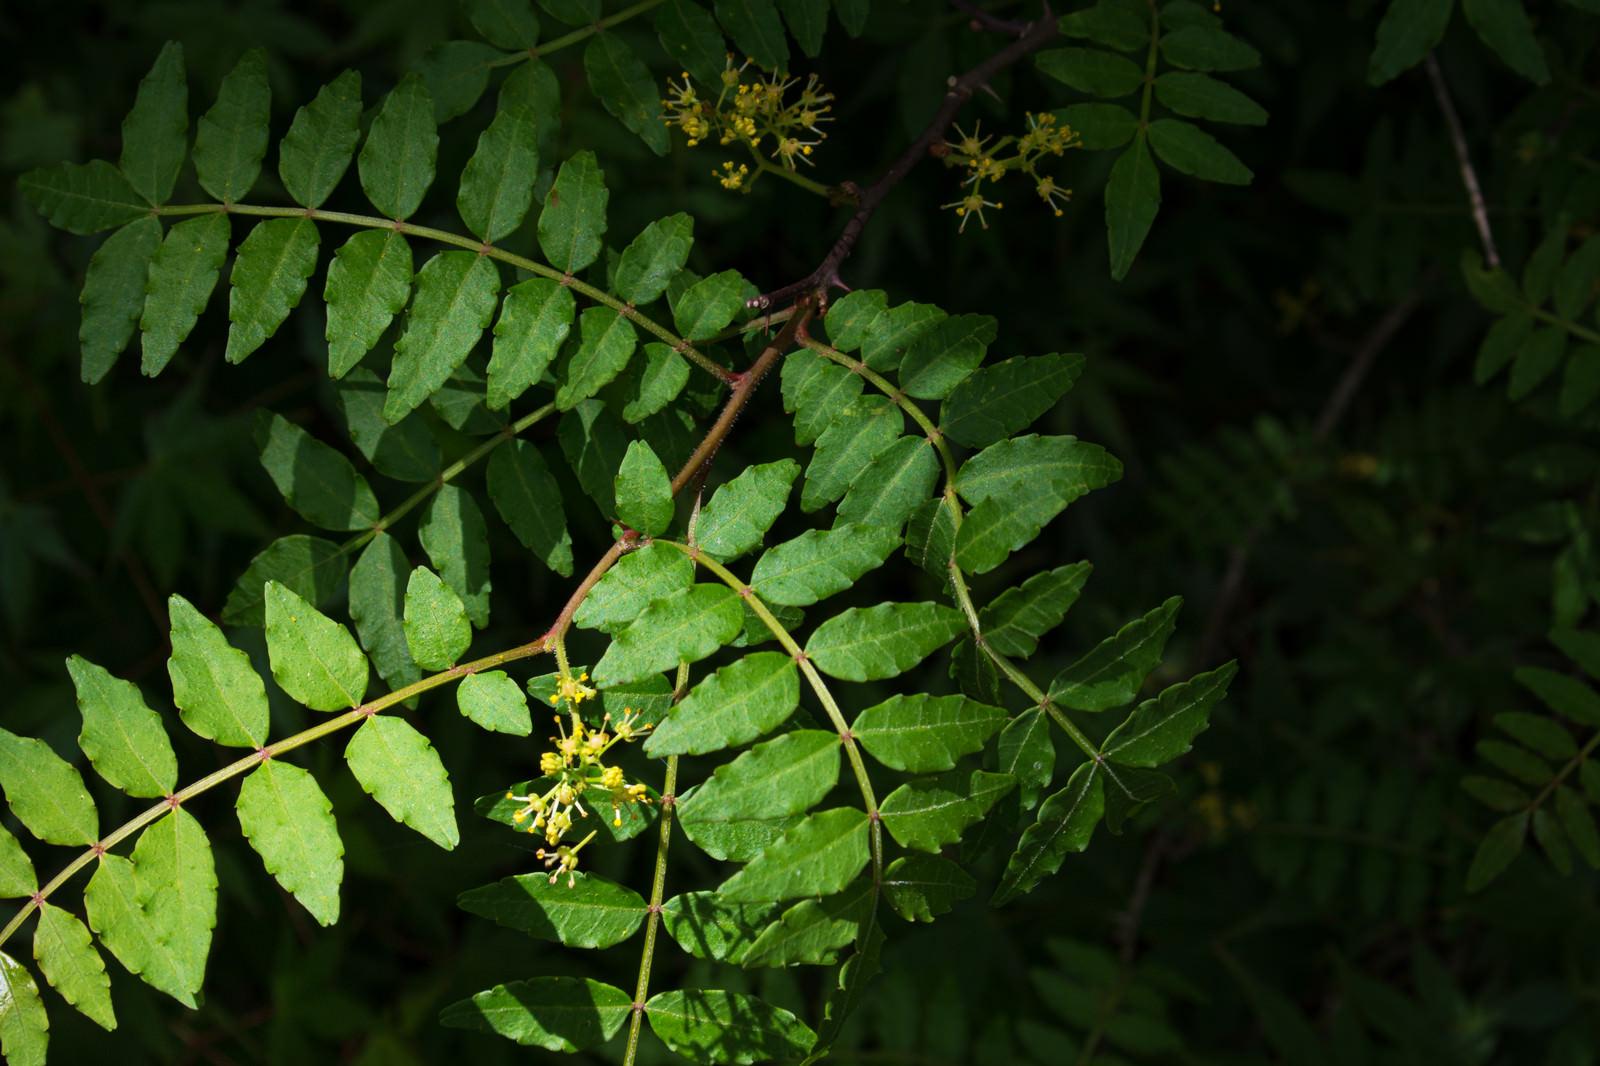 「暗闇に映える山椒の花」の写真